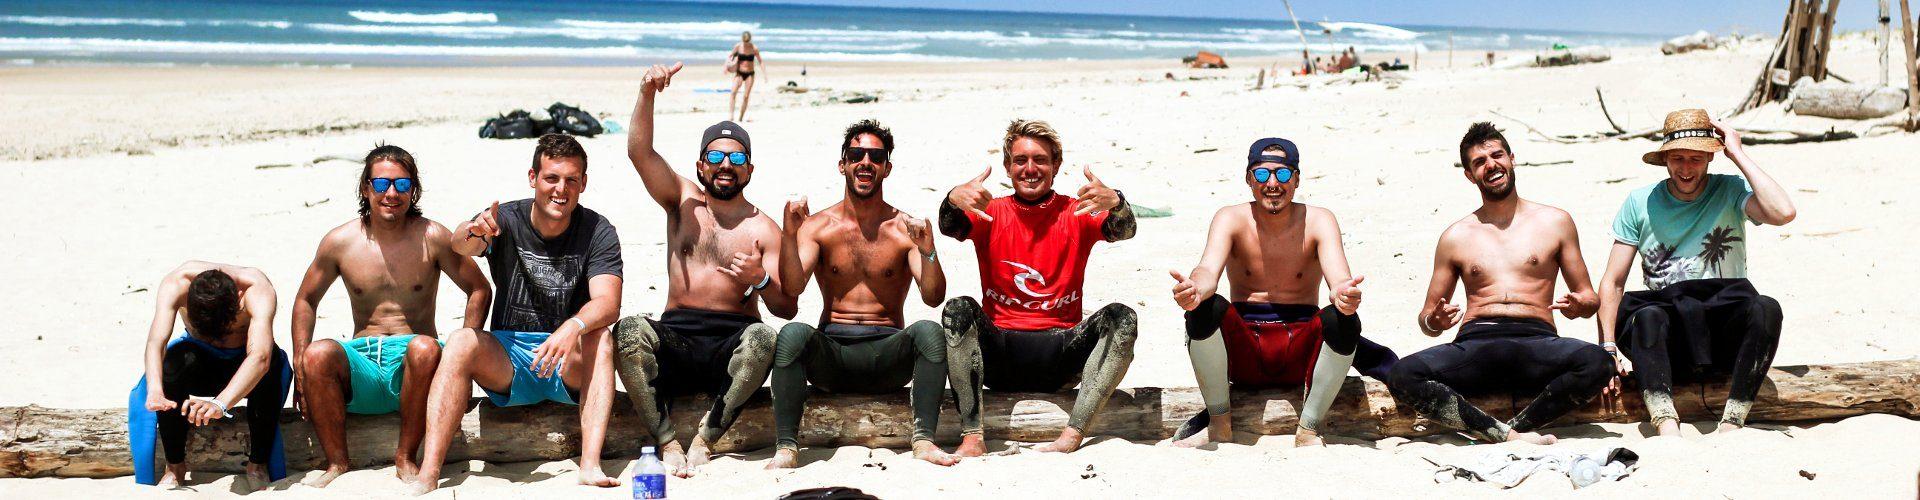 Comenzando la clase de surf en la playa de Francia